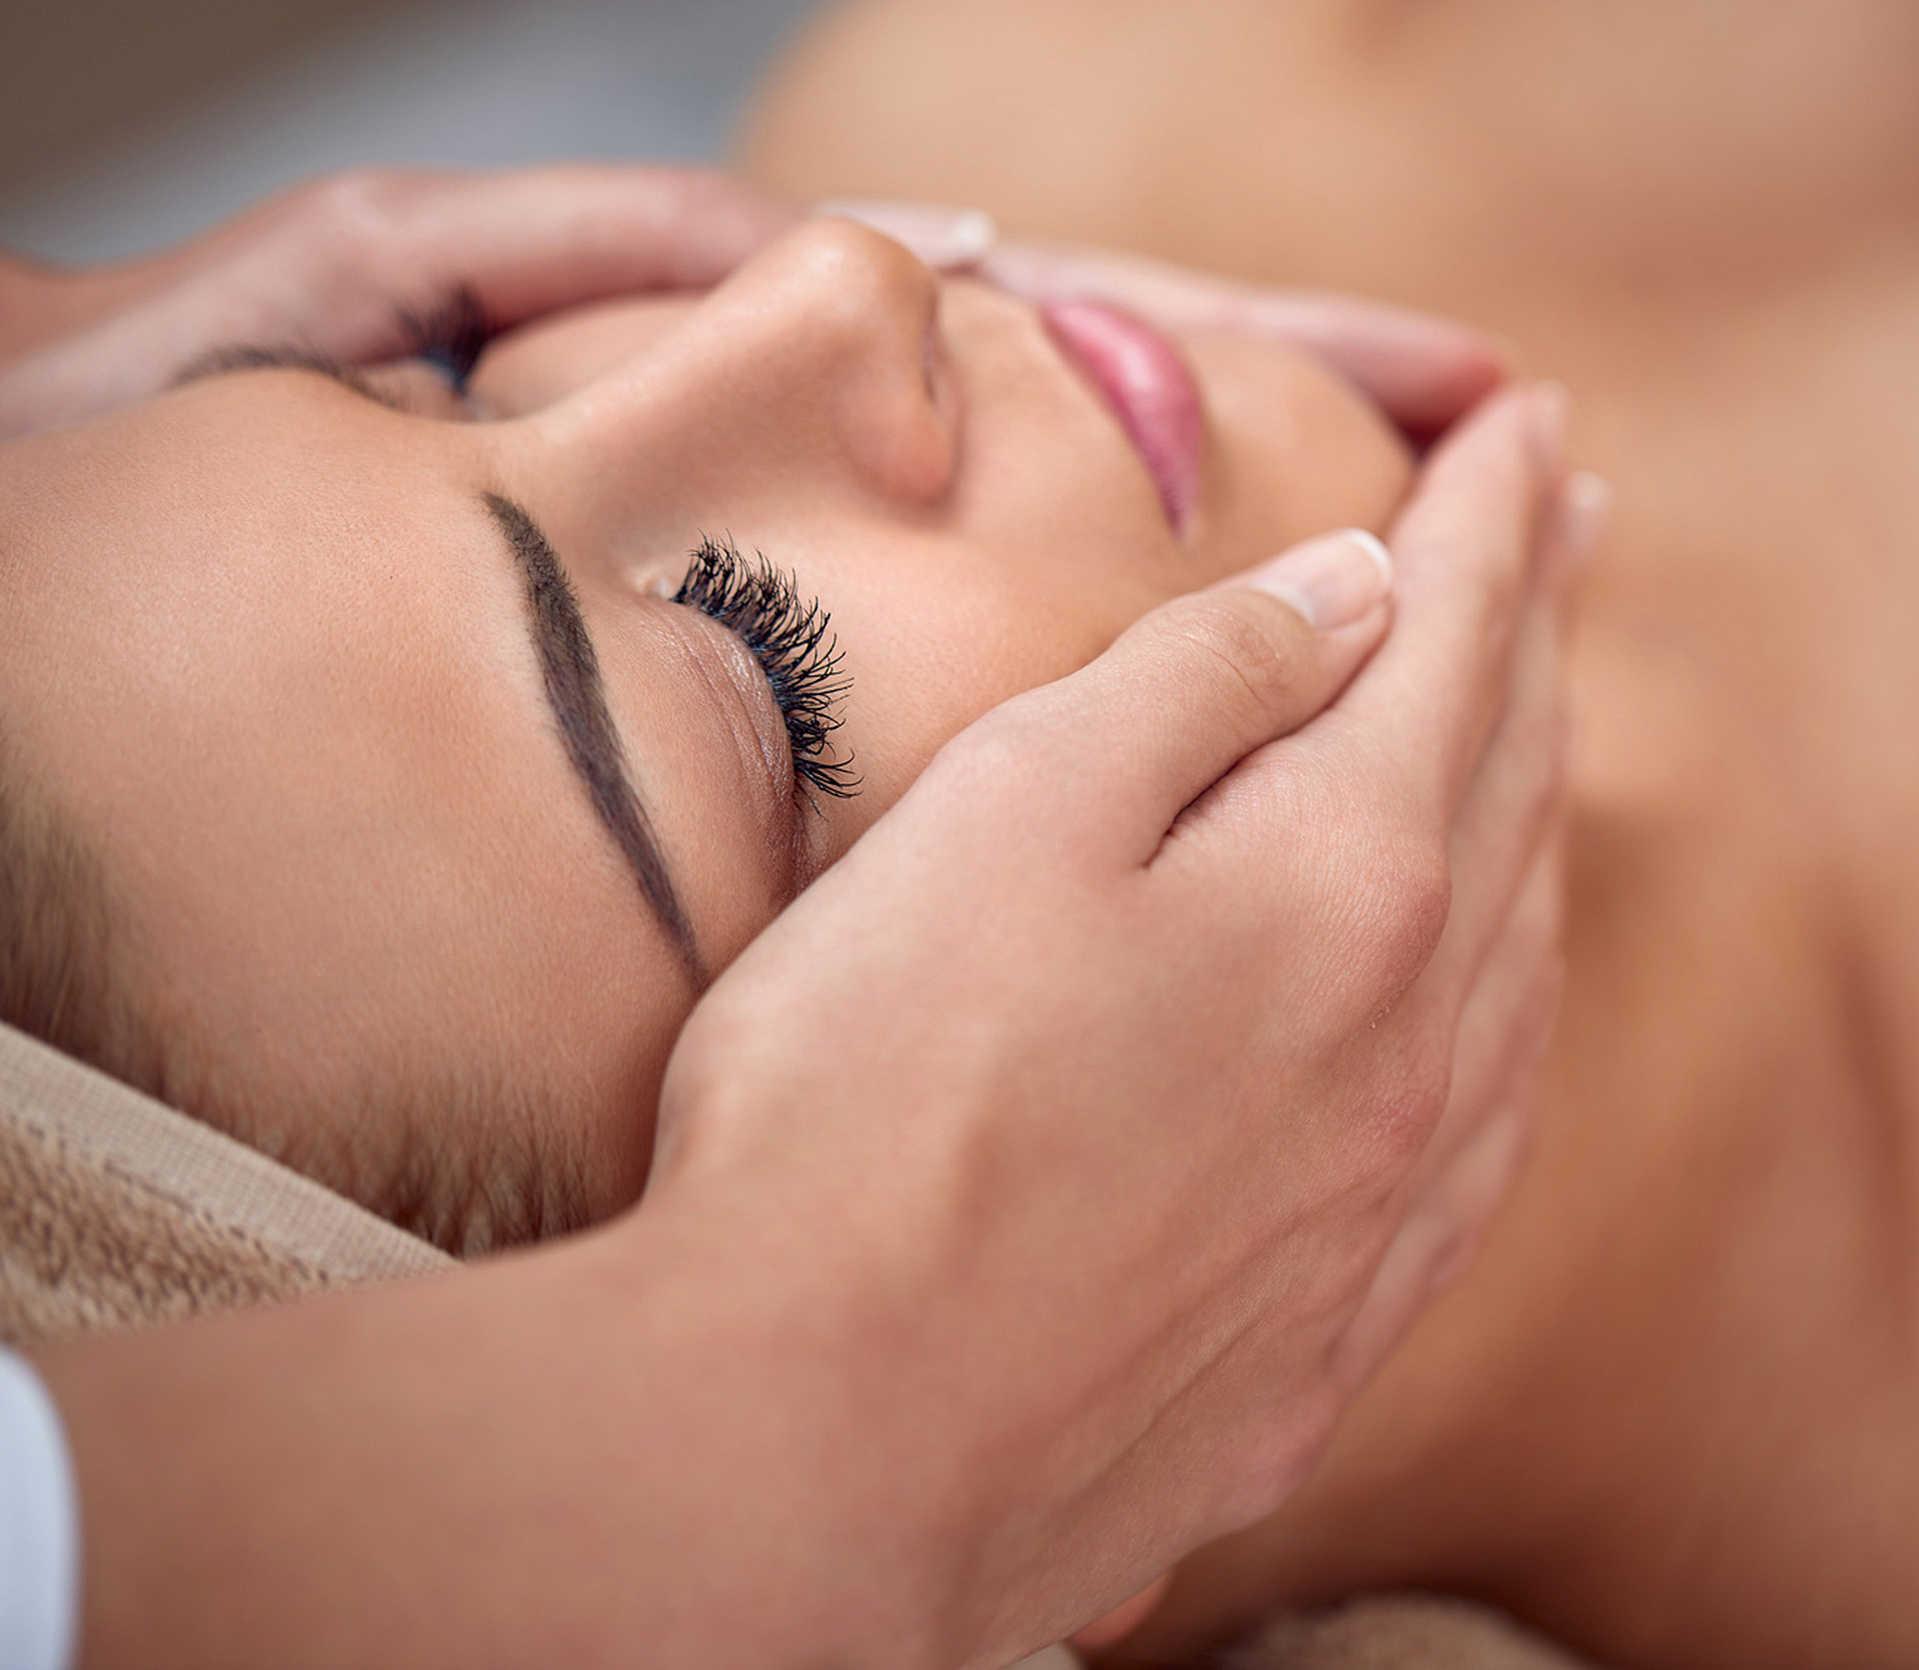 [Translate to English:] Zeit für Beauty, Spa, Massagen und ein Entspannungsbad im Hotel feldmilla.